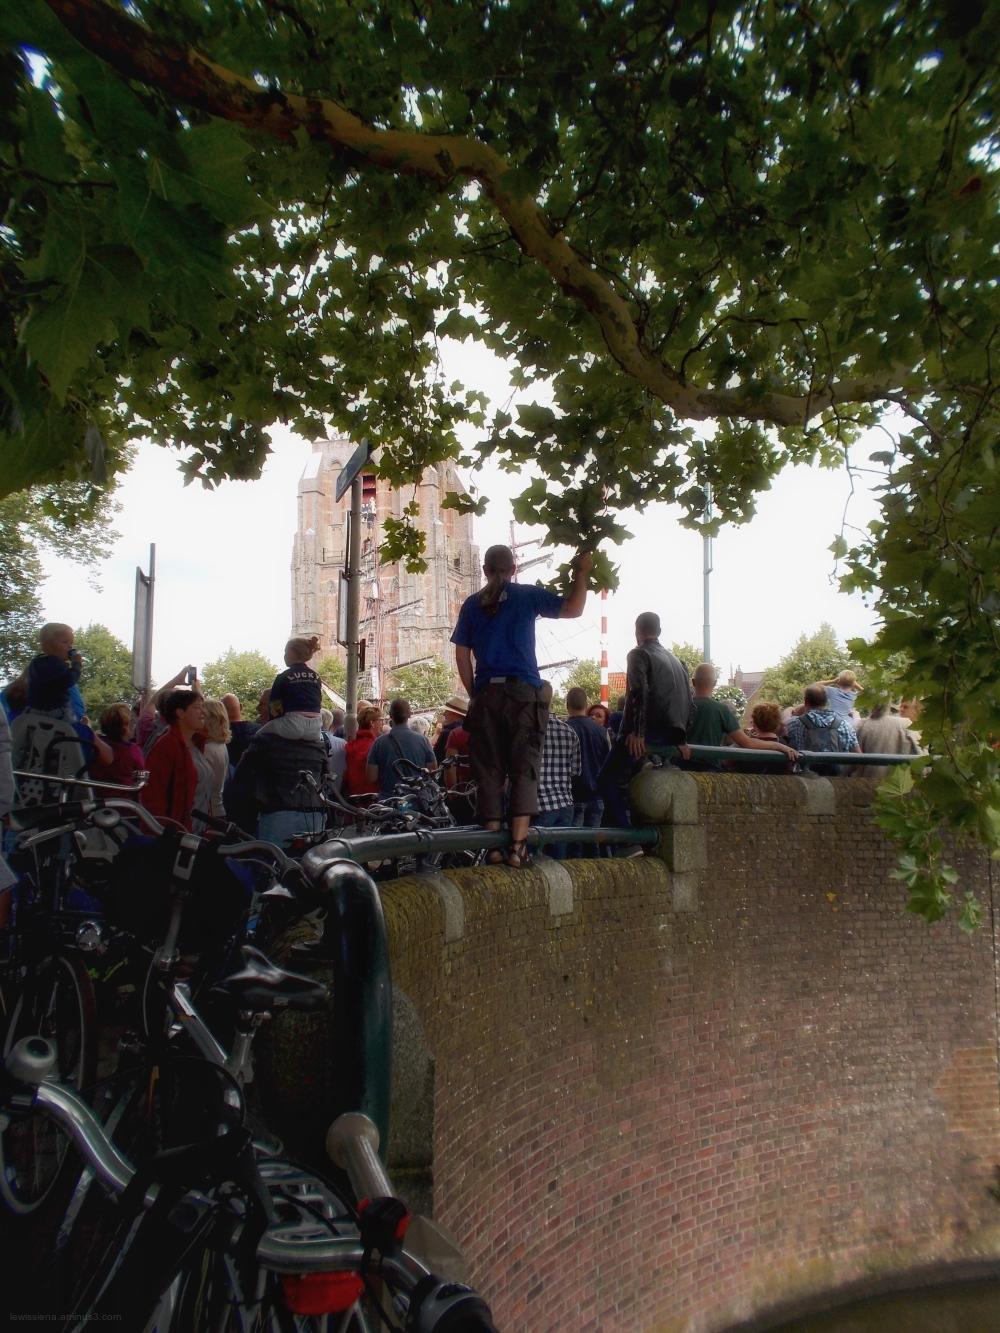 Spectators toeschouwers